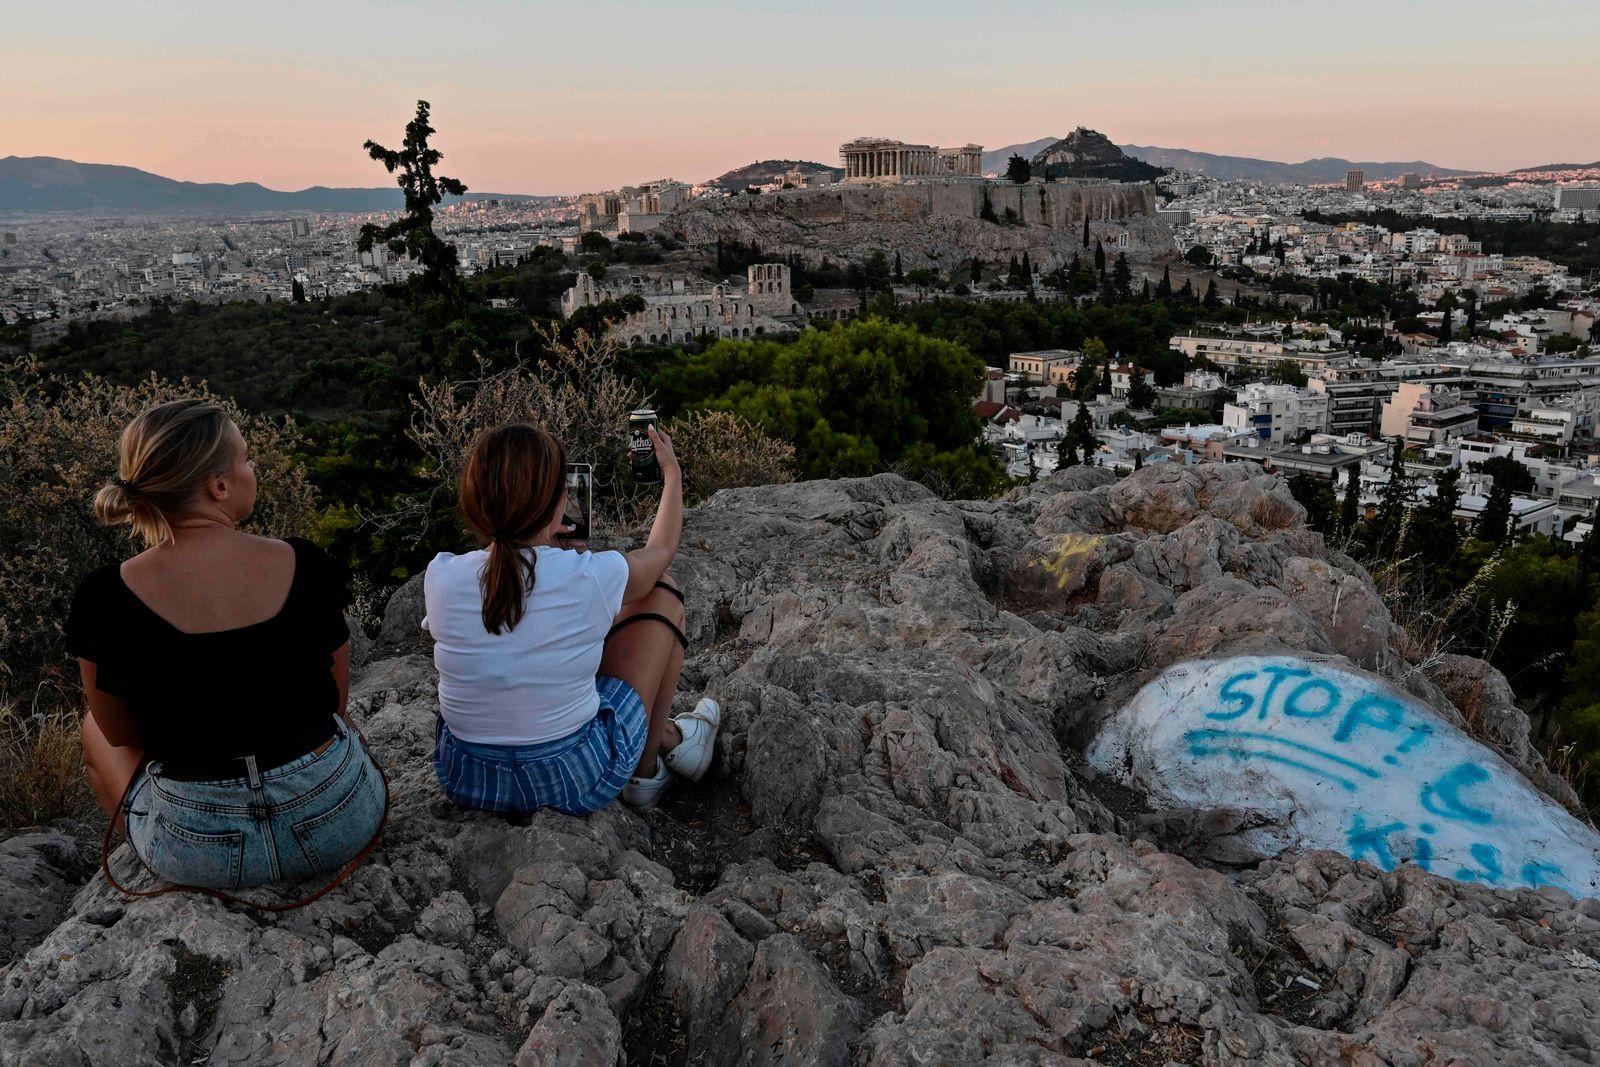 GREECE-TOURISM-ACROPOLIS